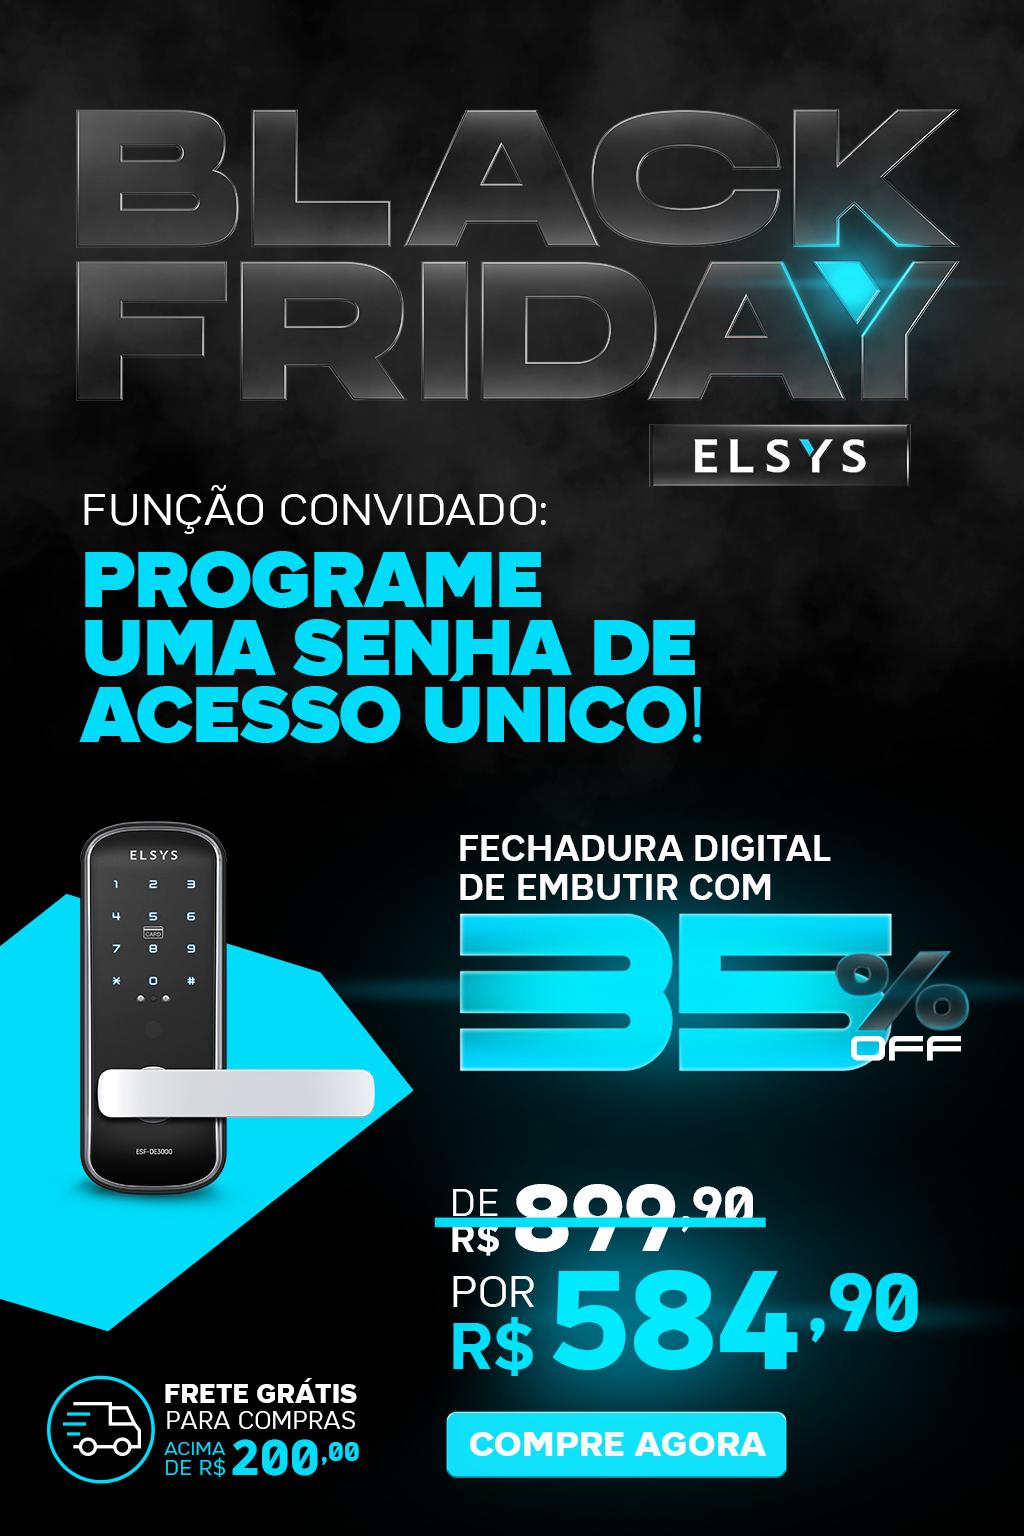 BLACK FRIDAY ELSYS - FECHADURA DIGITAL DE EMBUTIR